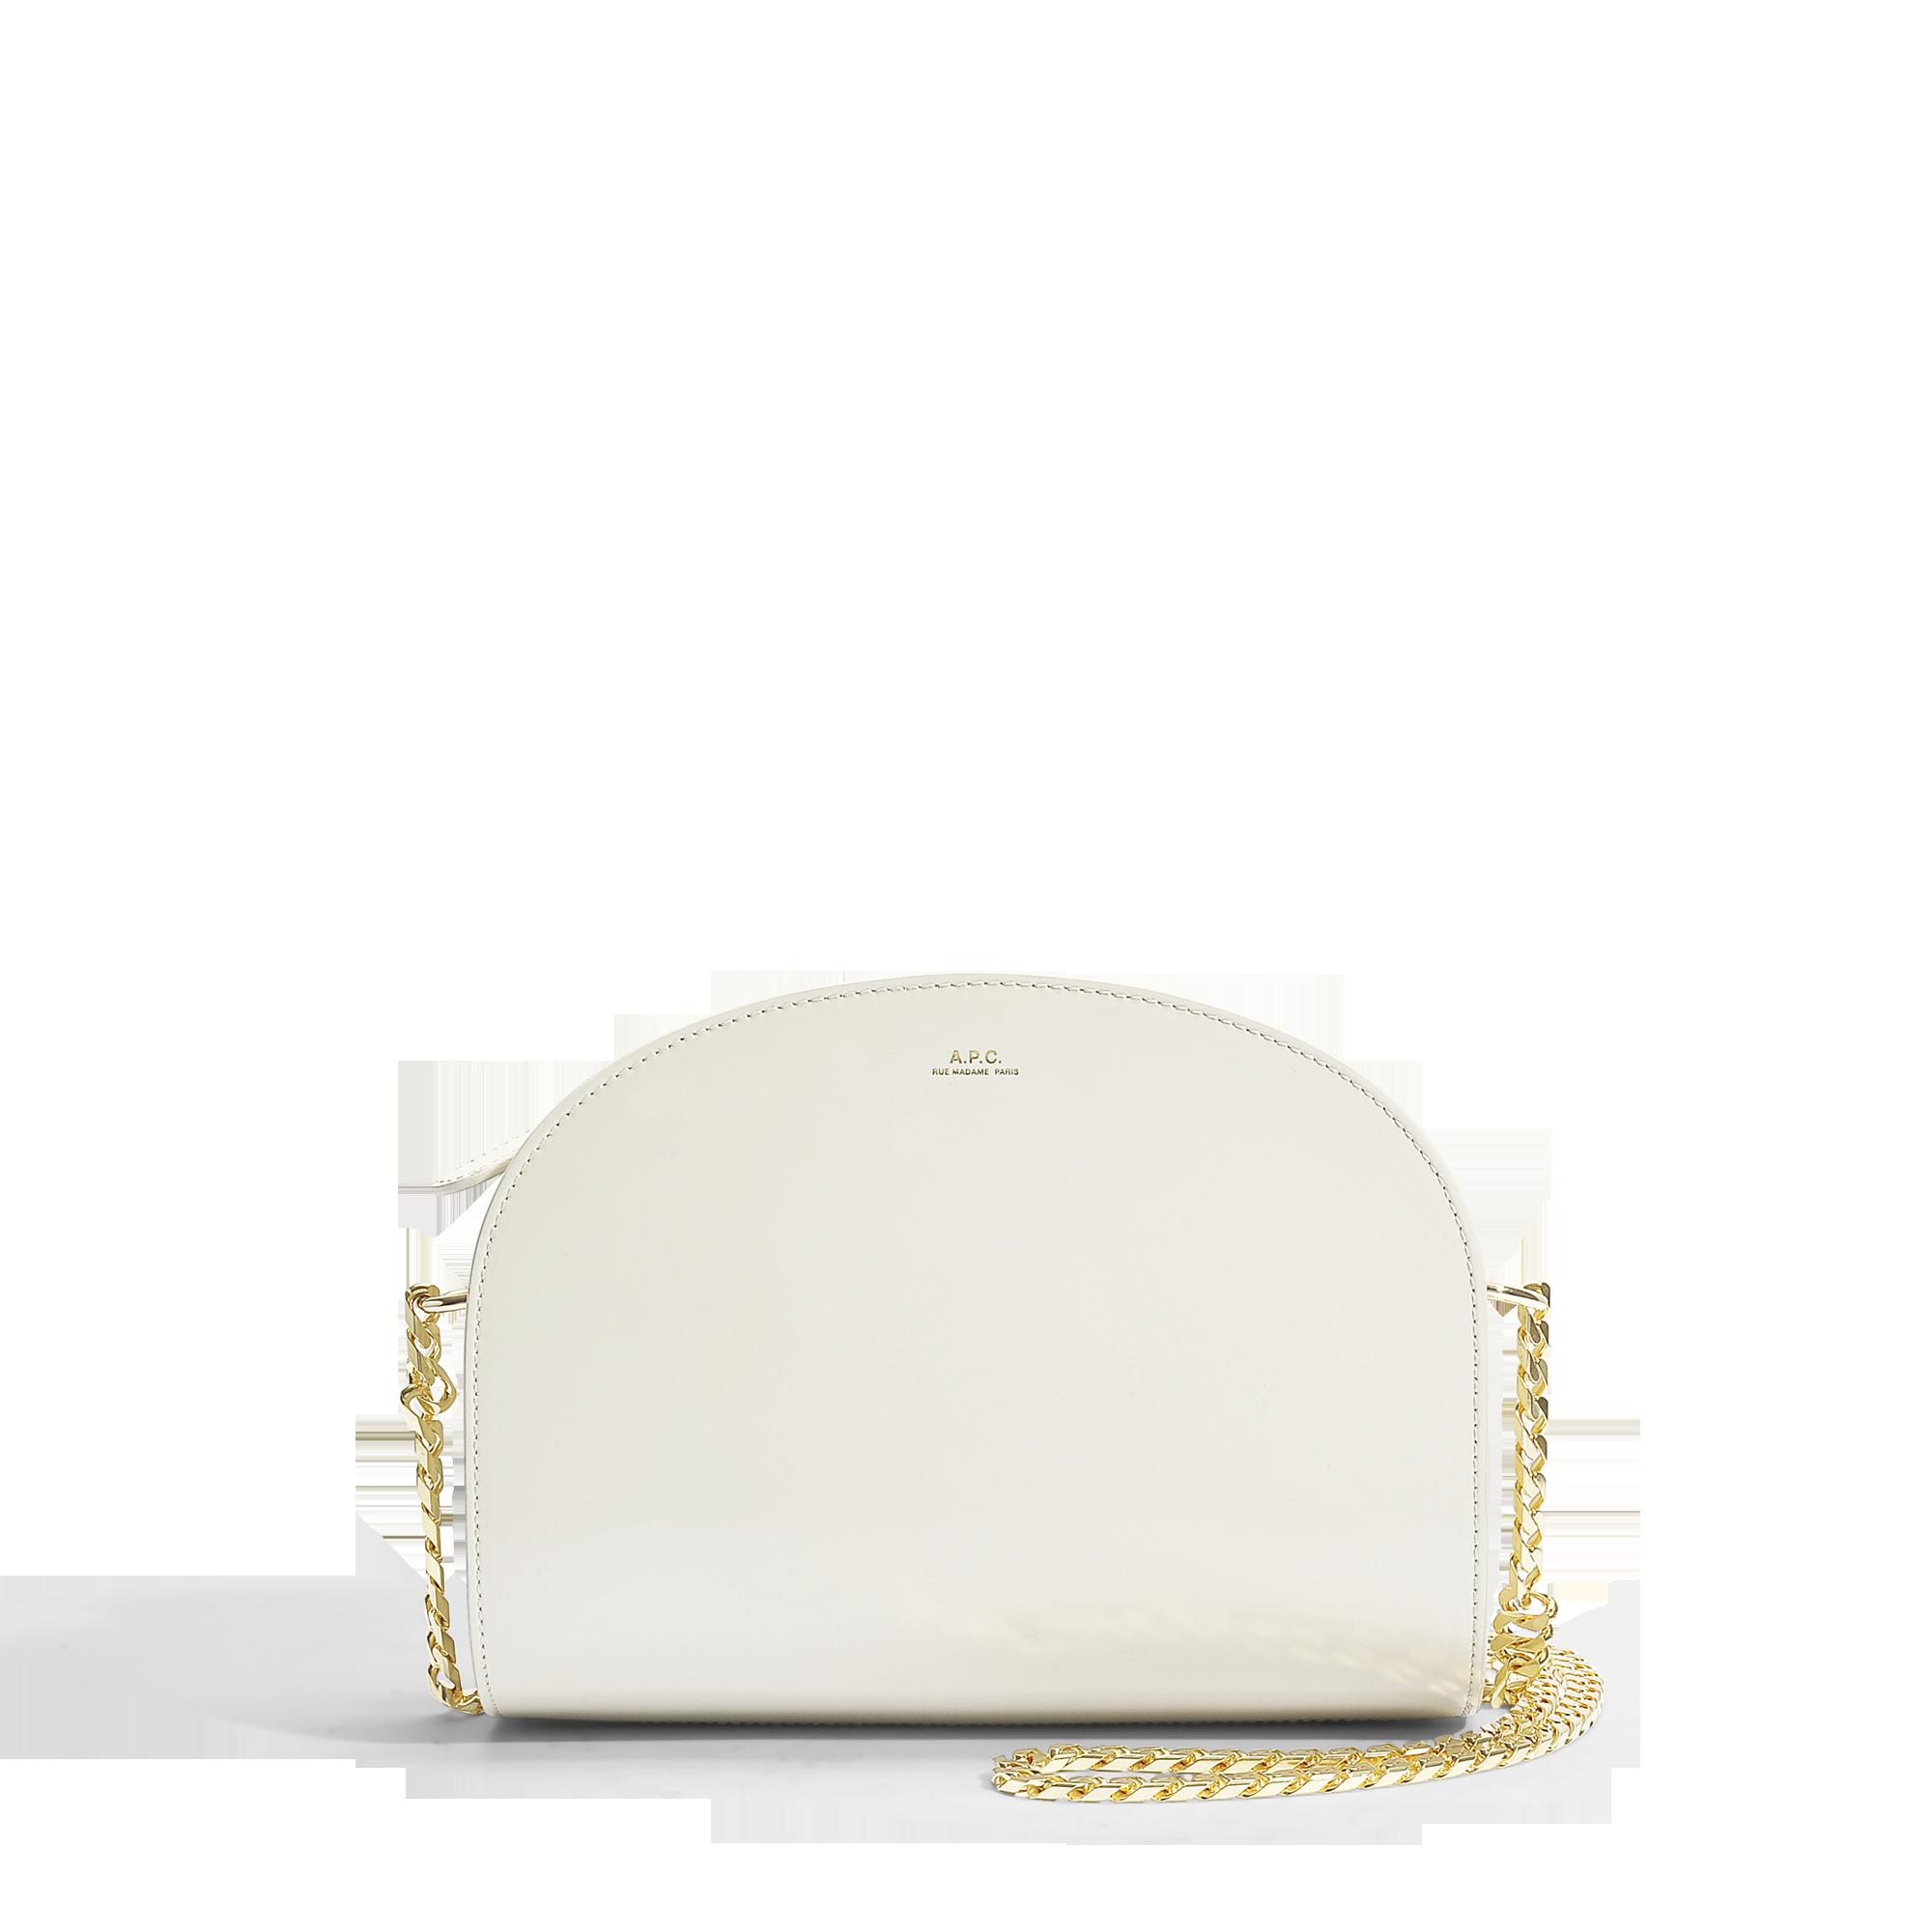 A.P.C. Luna Bag Outlet Footlocker Top Kwaliteit Goedkoop Kopen Geen Verzendkosten Goedkope Grote Korting sB5hmBT0e5